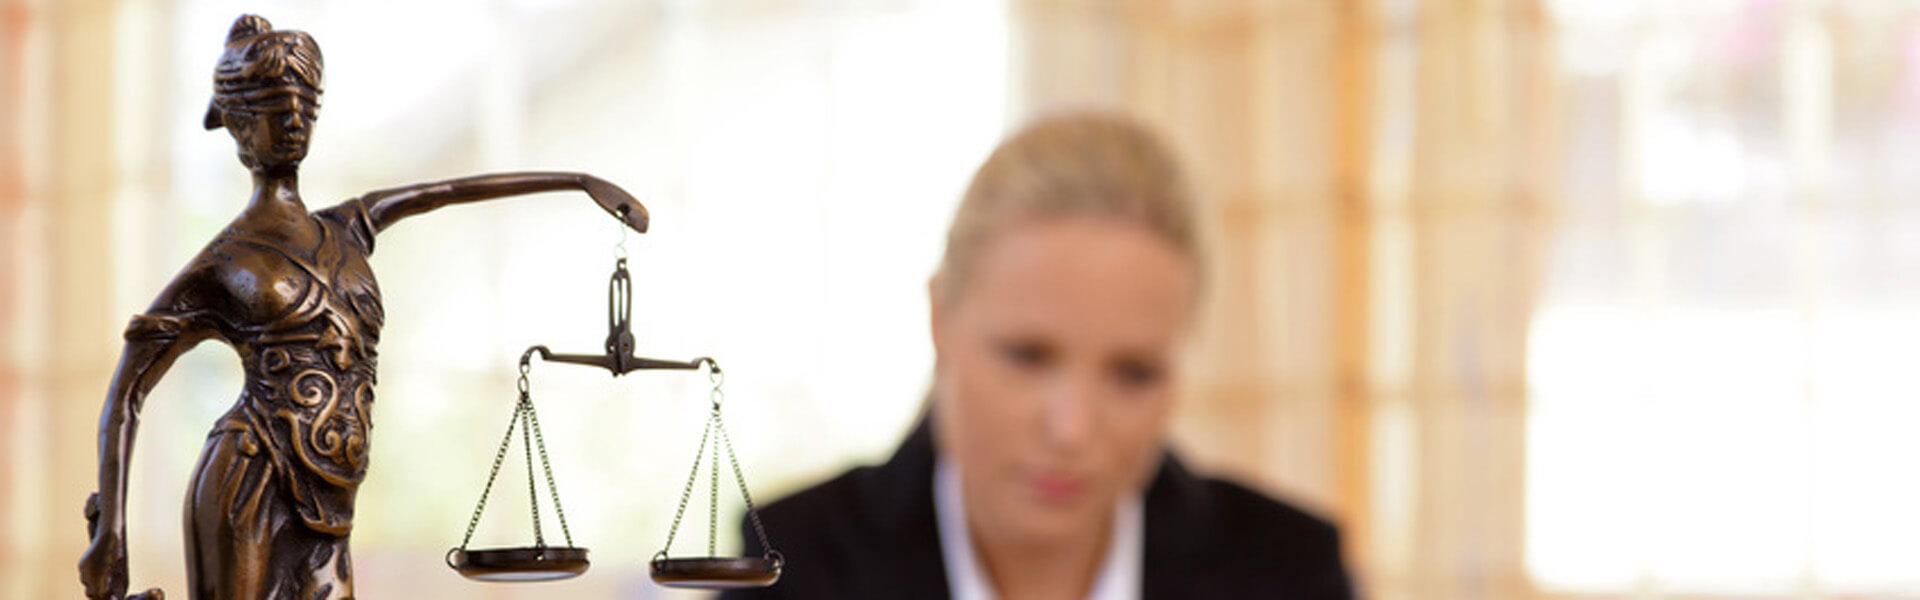 Anwältin sitzt am Schreibtisch, vor sich eine Statue der Justizia